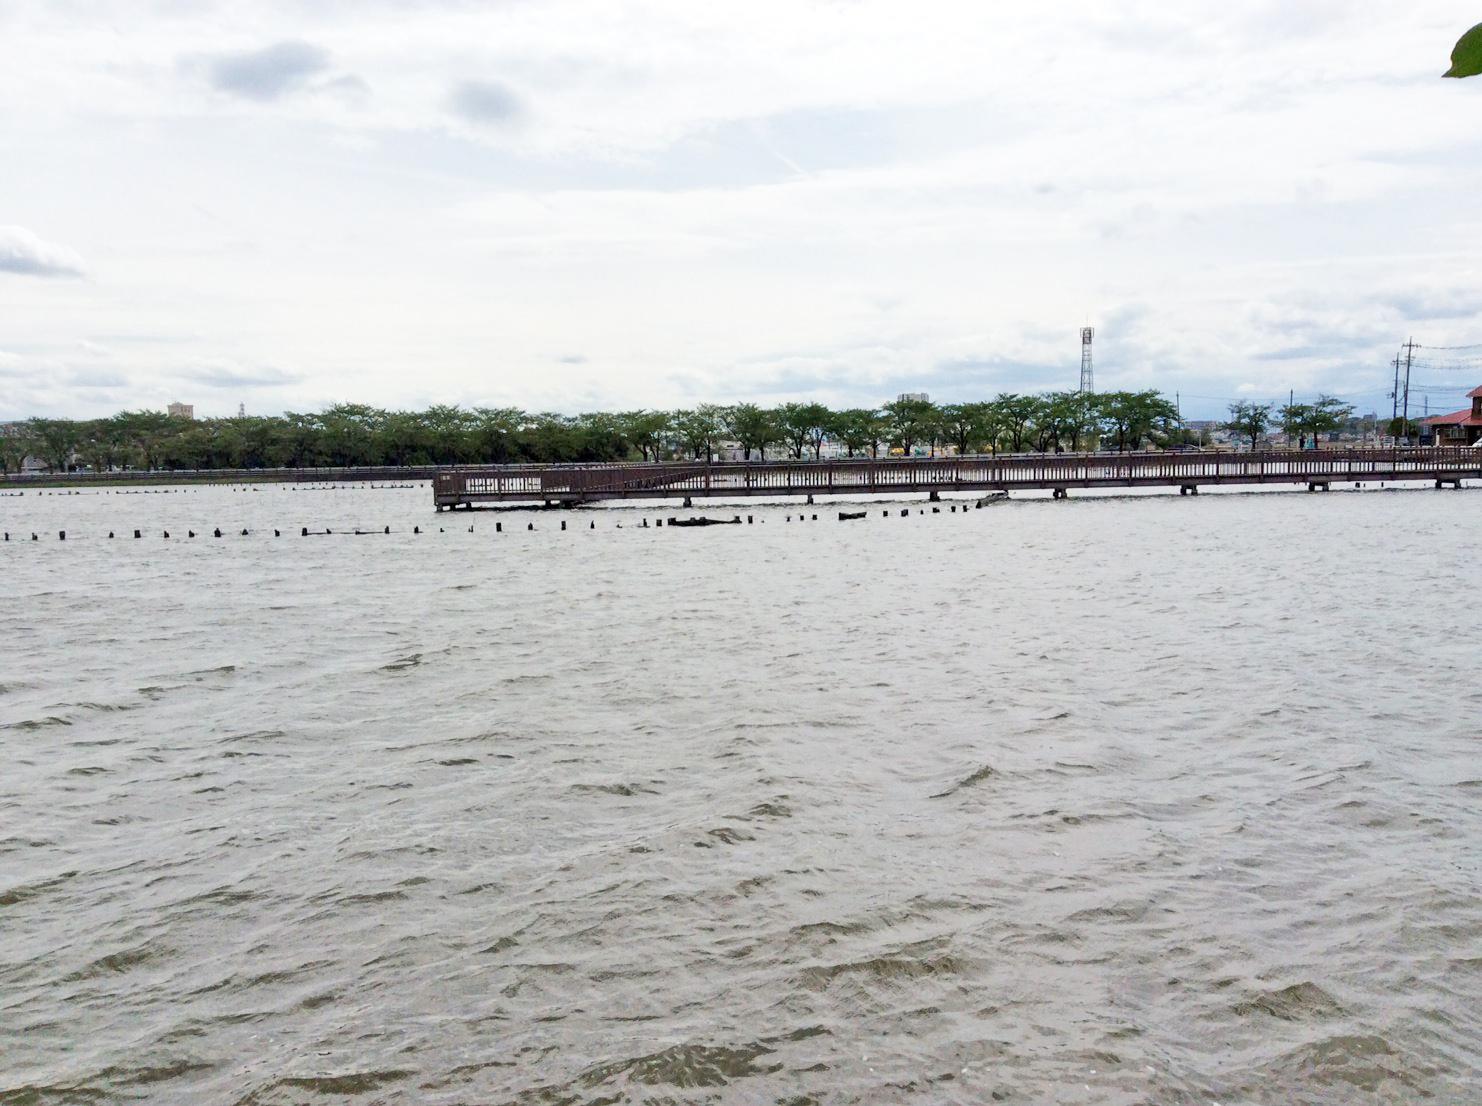 Isanuma boardwalk